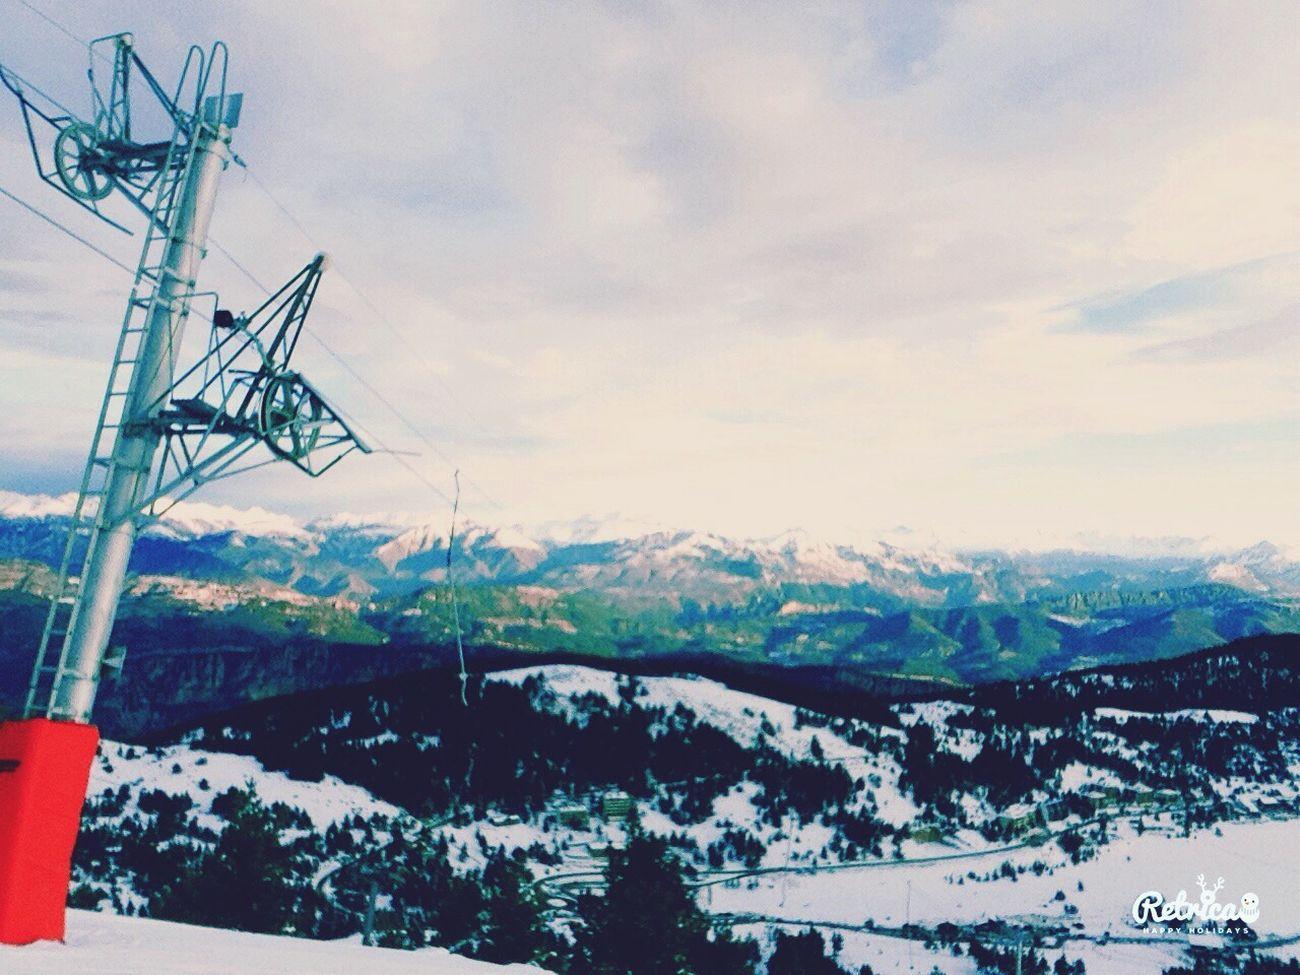 Skiing Ski Love Snow ❄ Mountains